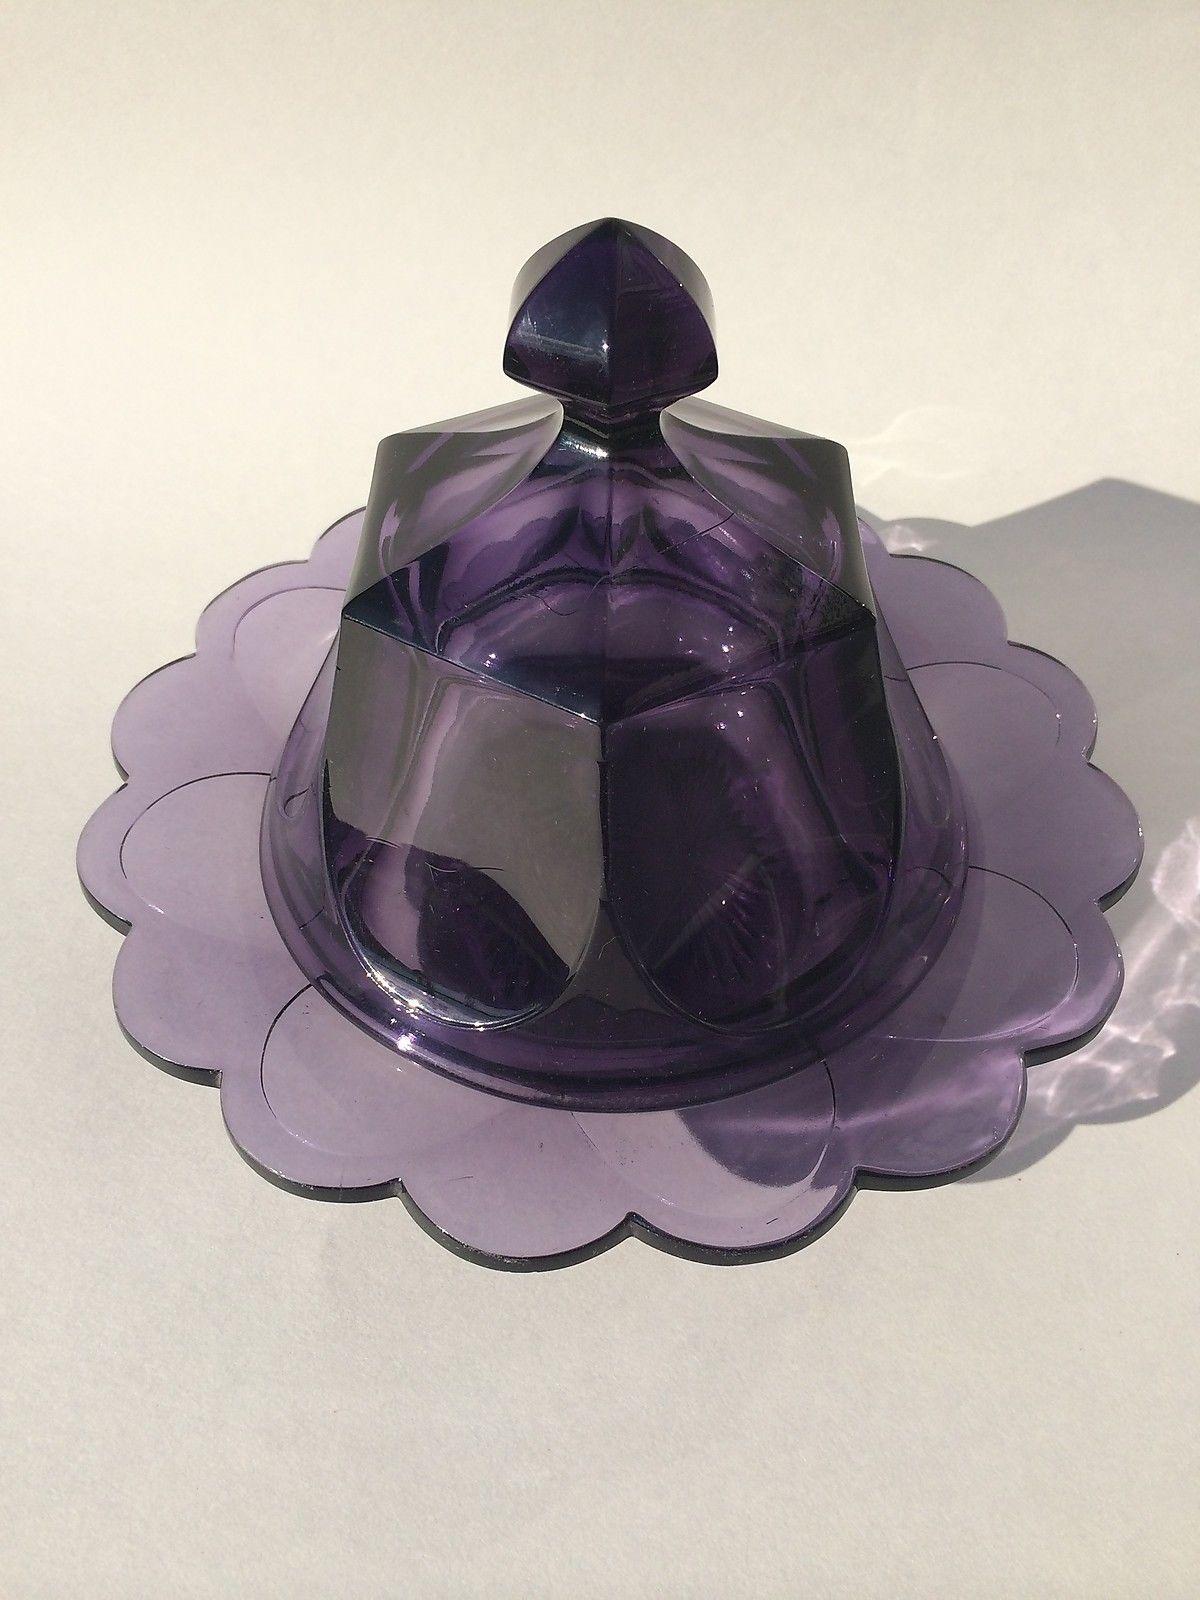 Púrpura Heisey? Mantequilla plato elegante decoración fantástica No hay daños! • $ 142.50 - PicClick